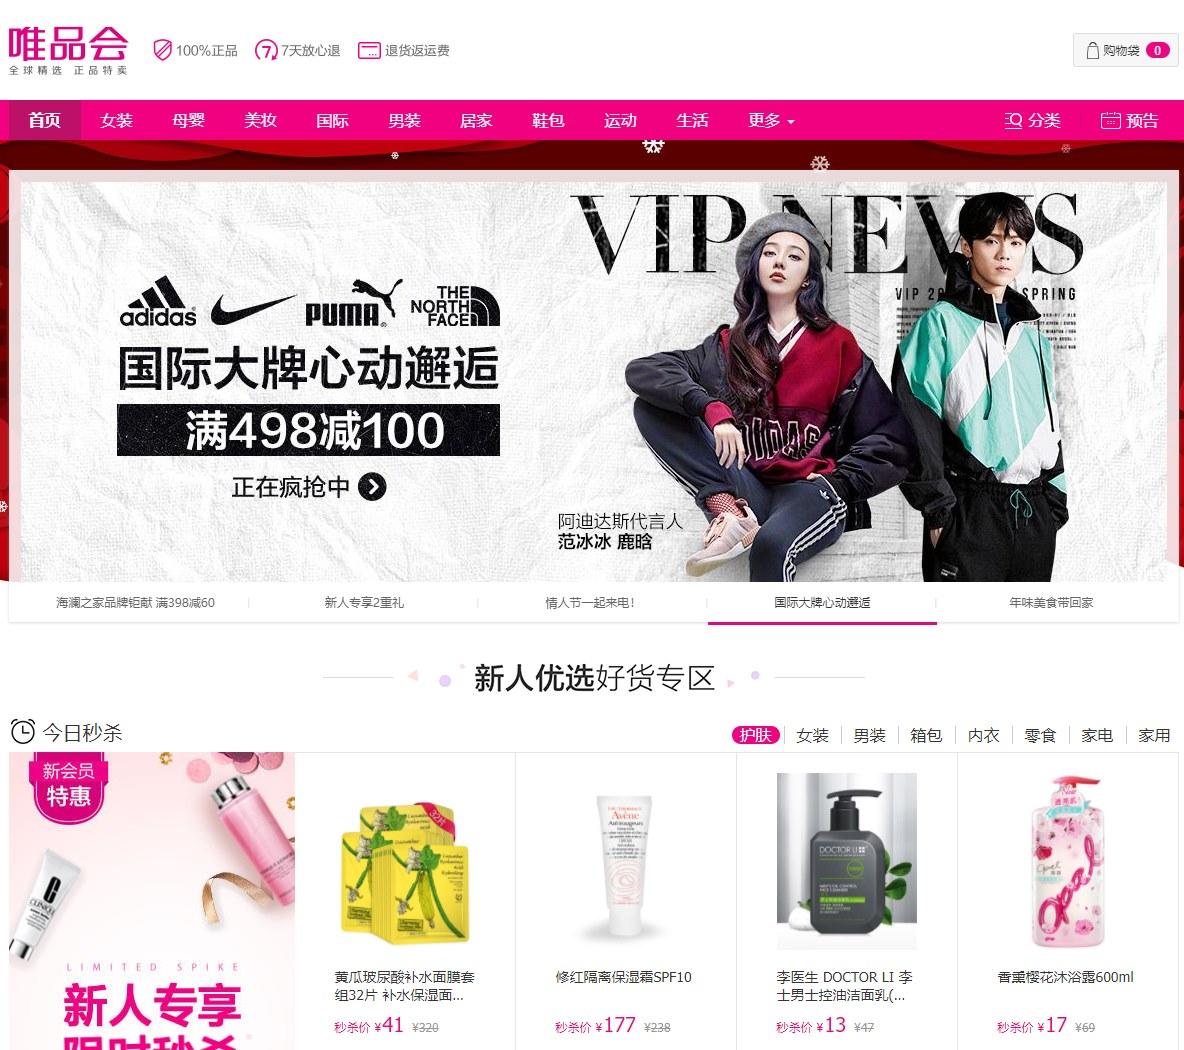 Vipshop-website